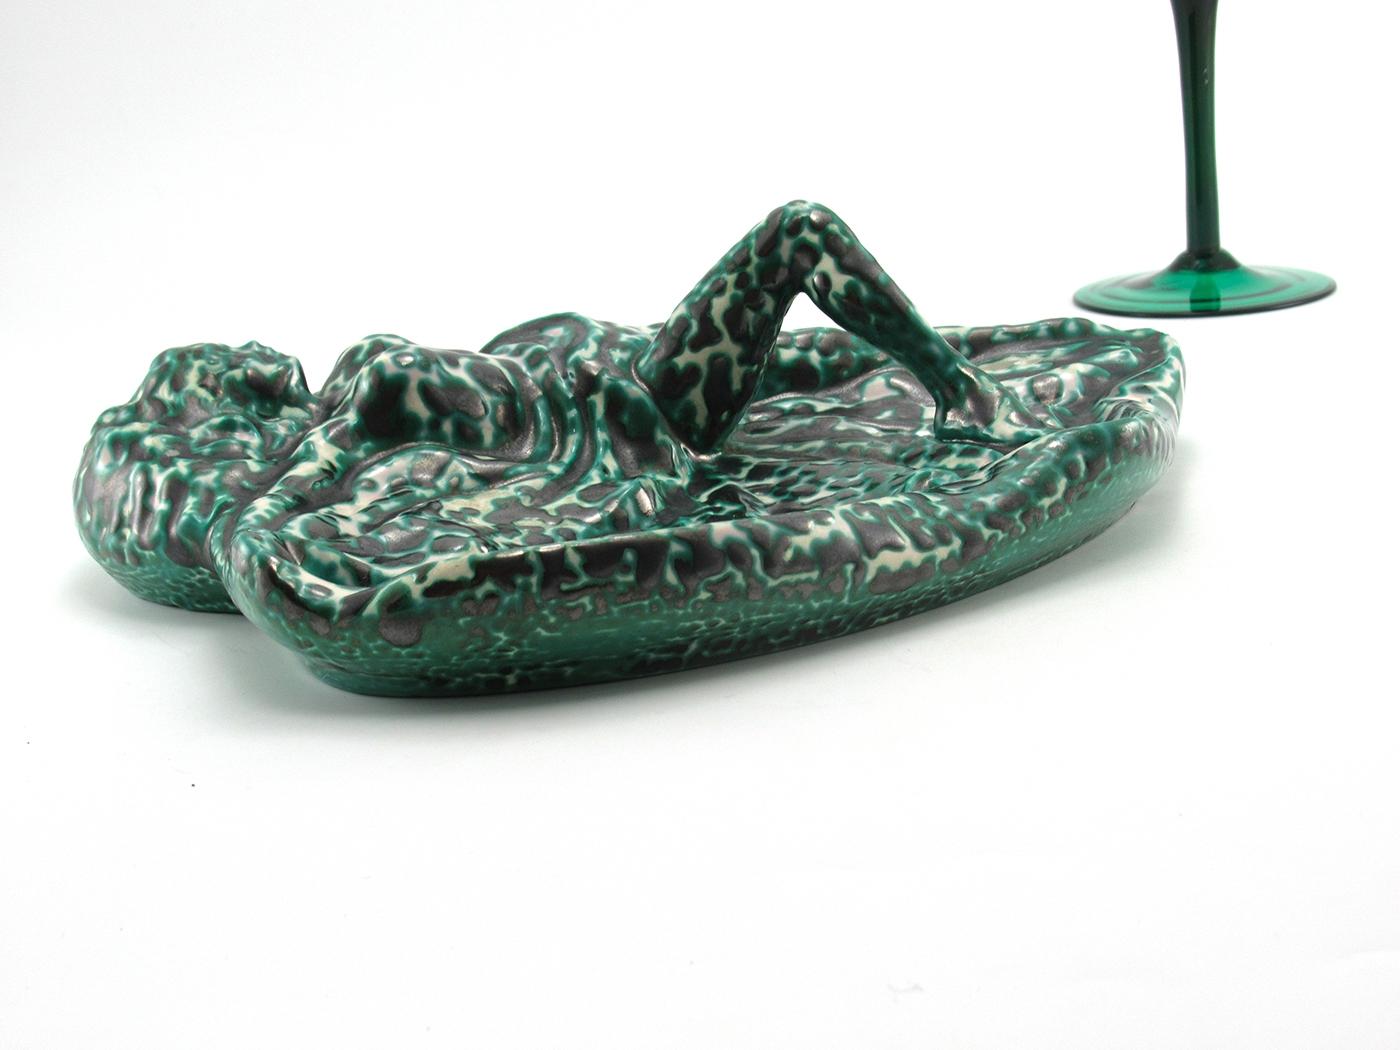 Sexy ashtray